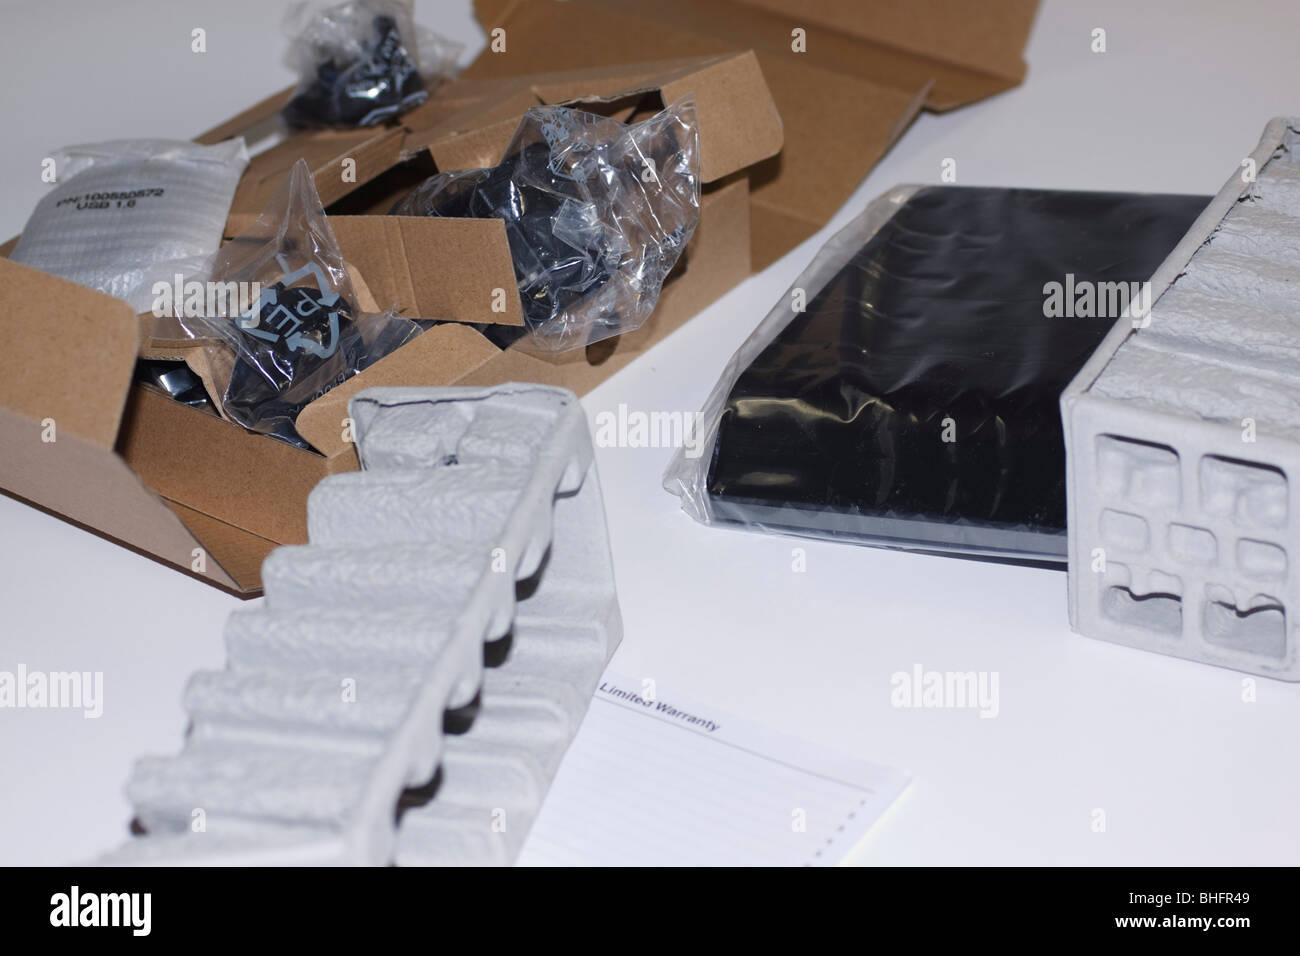 Les produits électroniques d'être retiré de l'emballage en carton de protection. Photo Stock